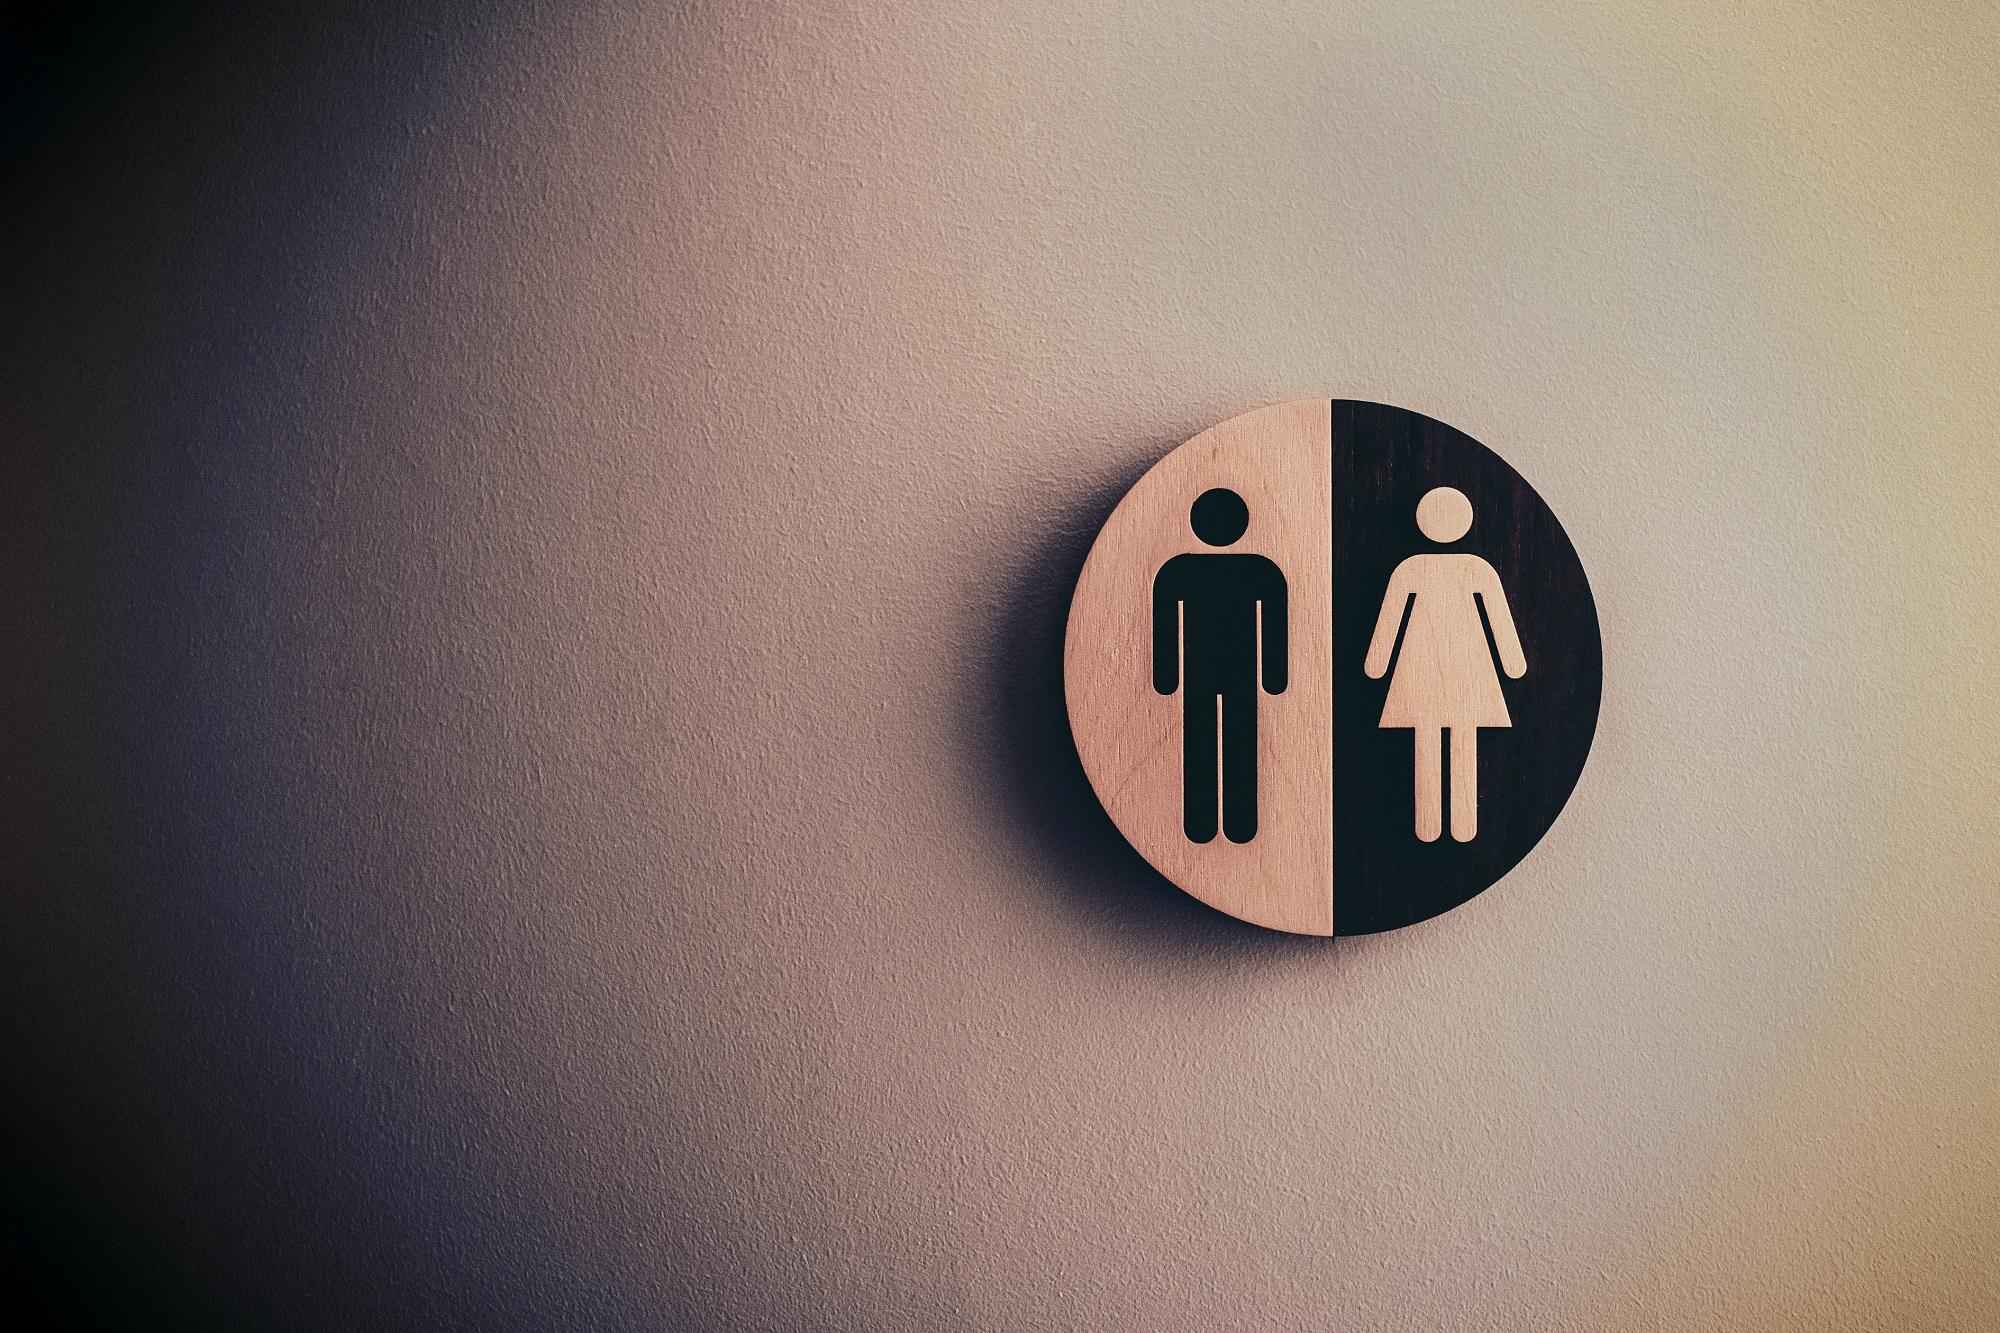 Wer Kulturwandel will, braucht Gleichstellung!